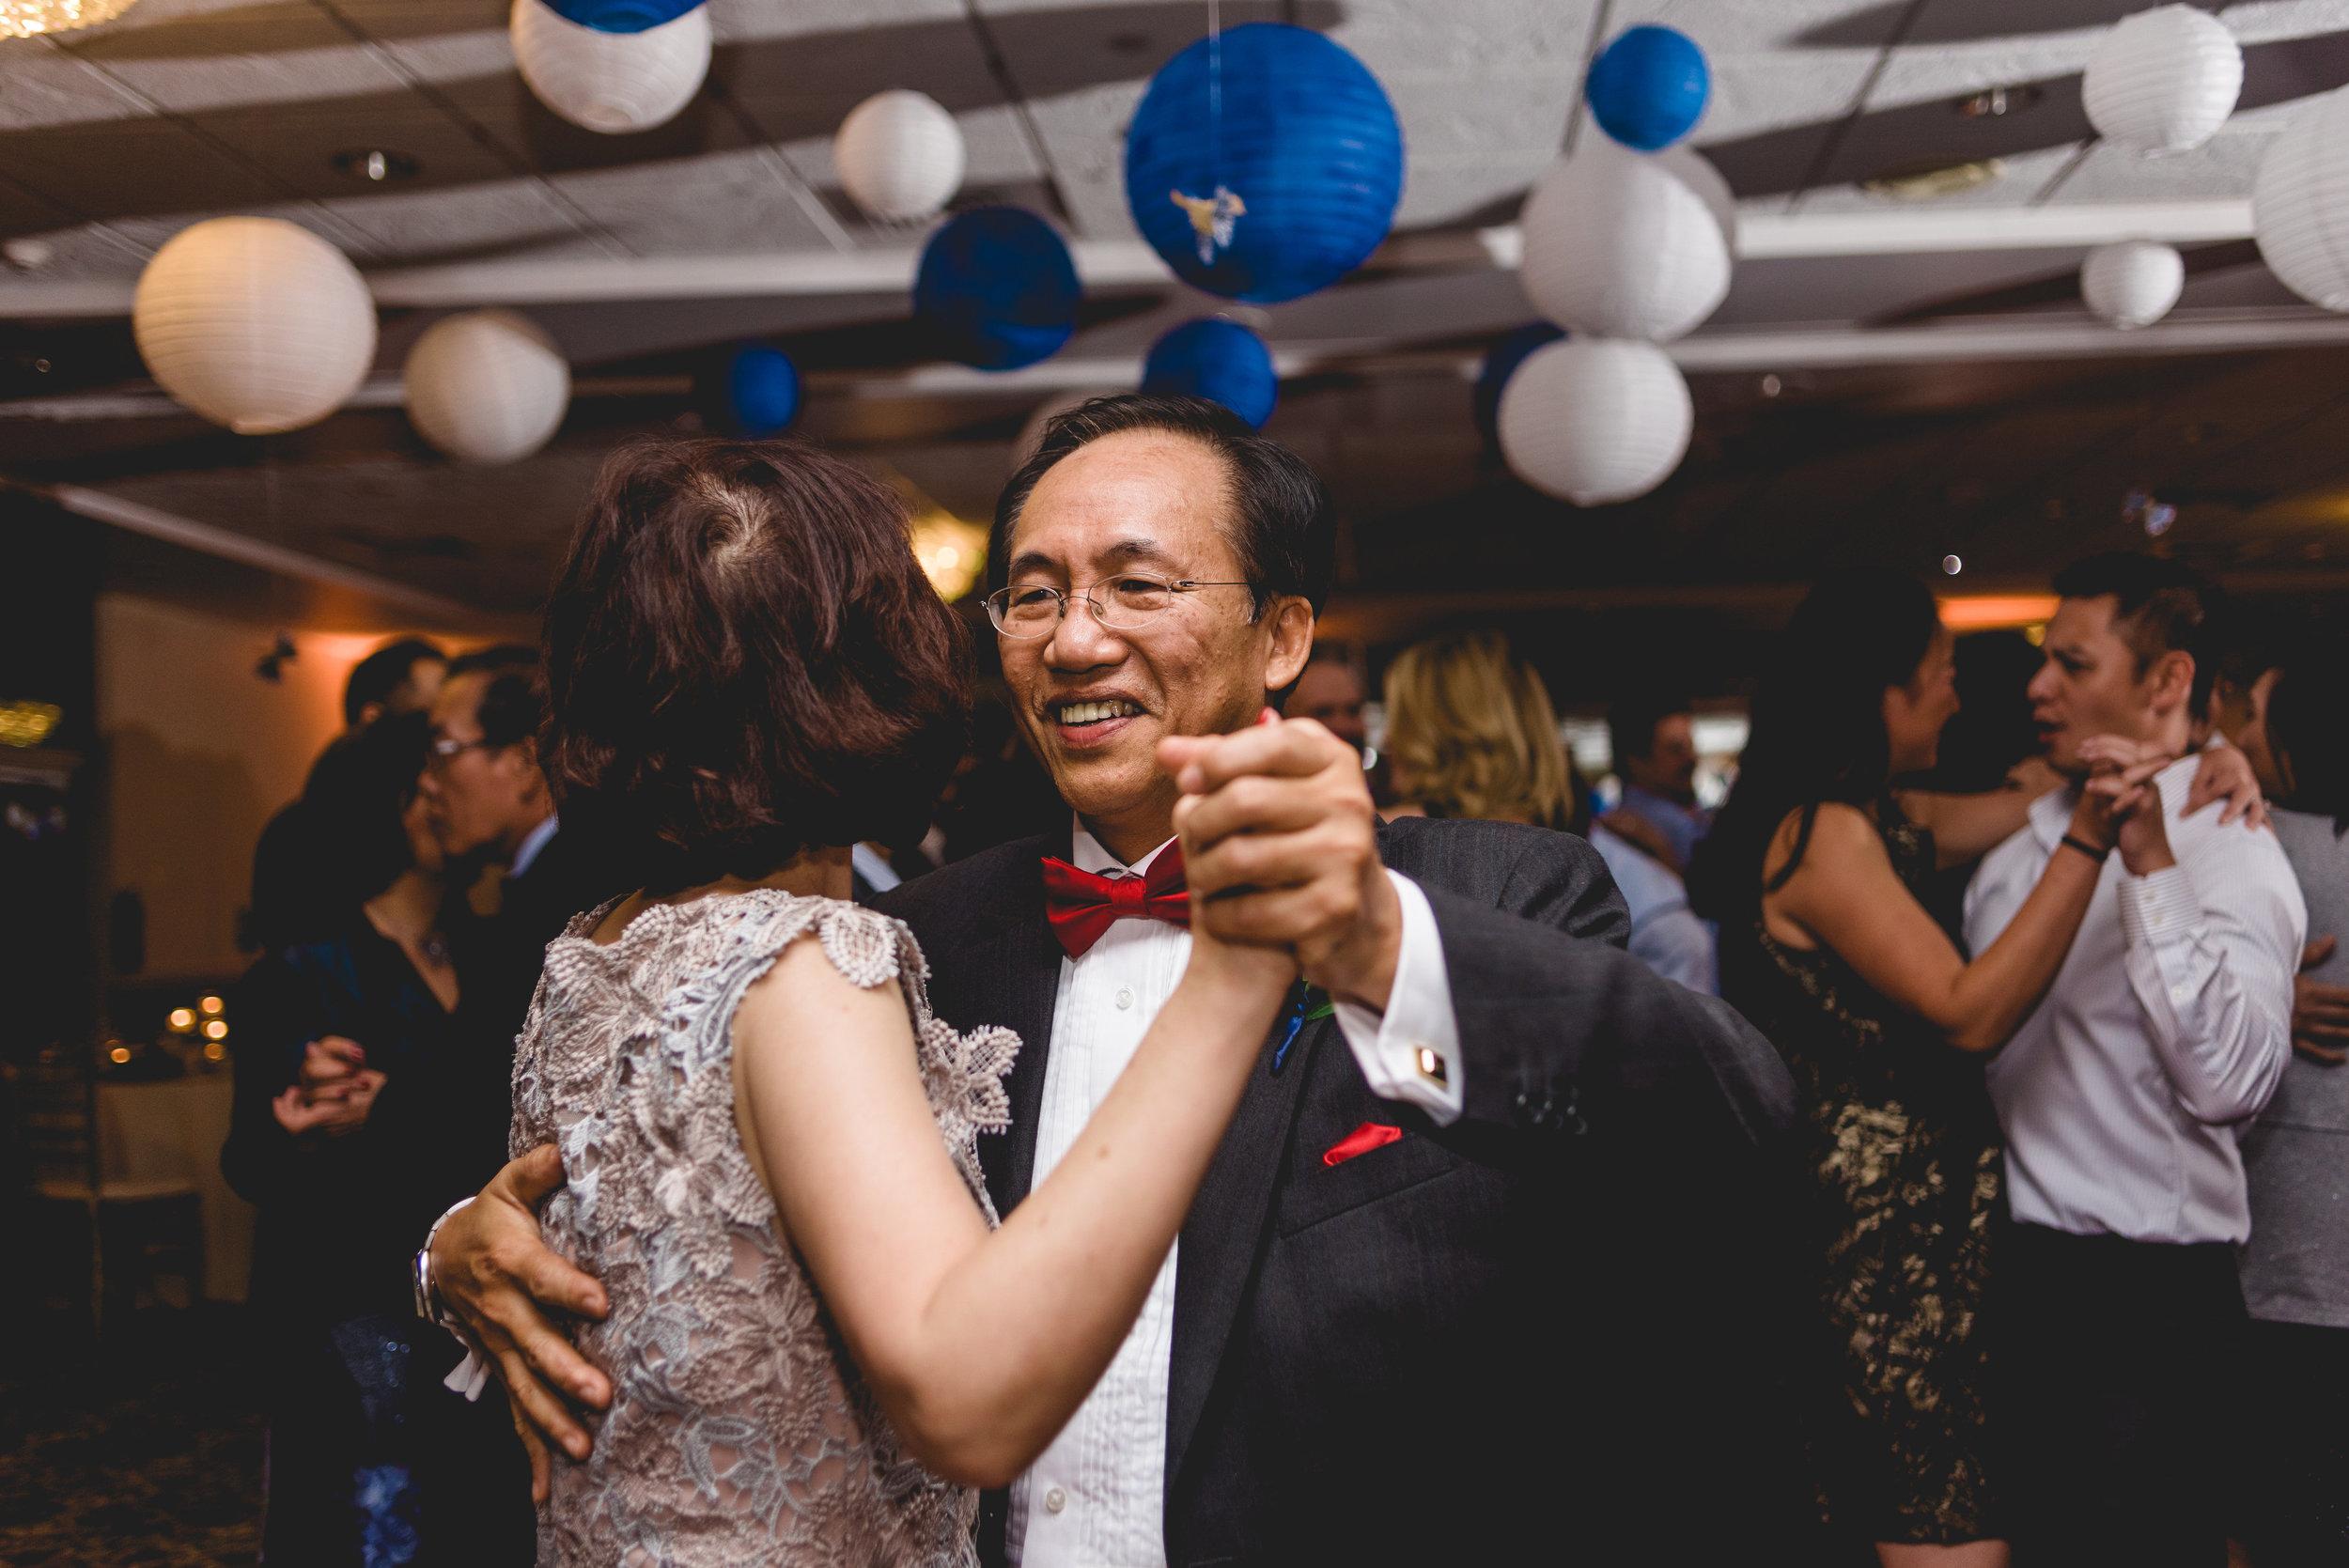 nils_yvonne-wedding-reception-157.jpg